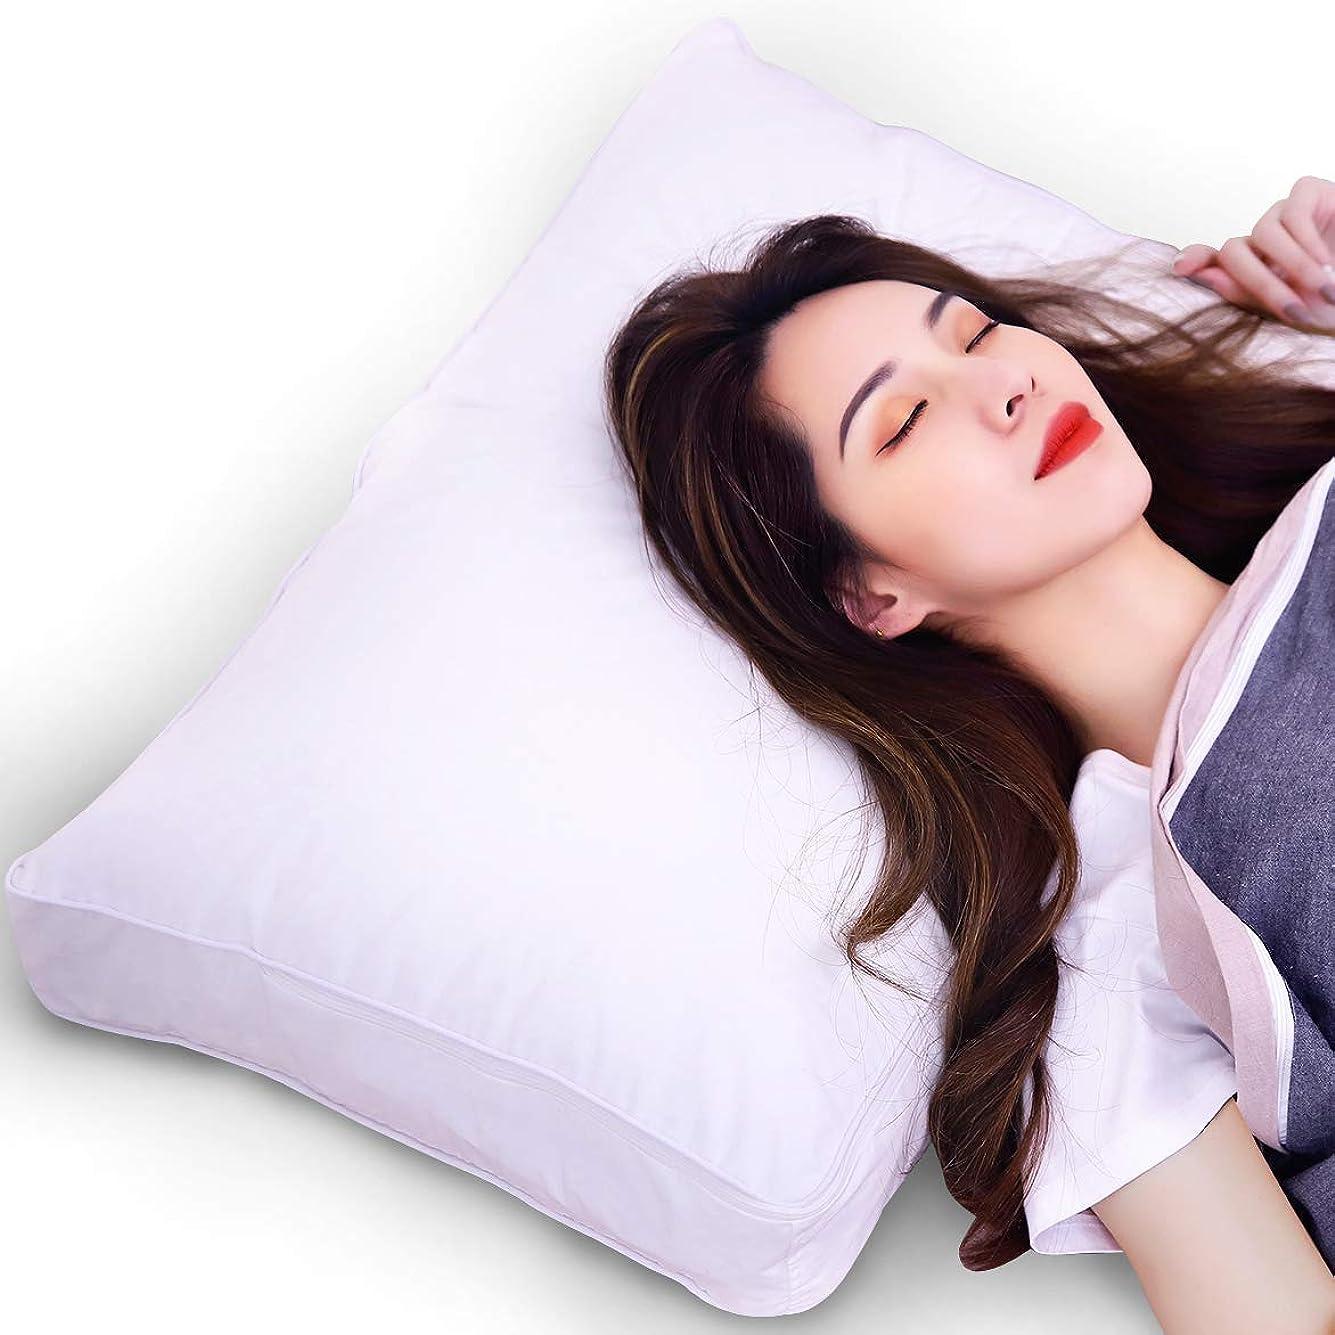 羊の小説家原告ARIZZ 枕 安眠 人気 肩こり 43x63cm「三段調節式 中身を取り出す可能 高さ自由調節 立体構造 横向き寝 肩こり解消」まくら 低反発枕 兼 高反発枕 日本語取扱説明書付き